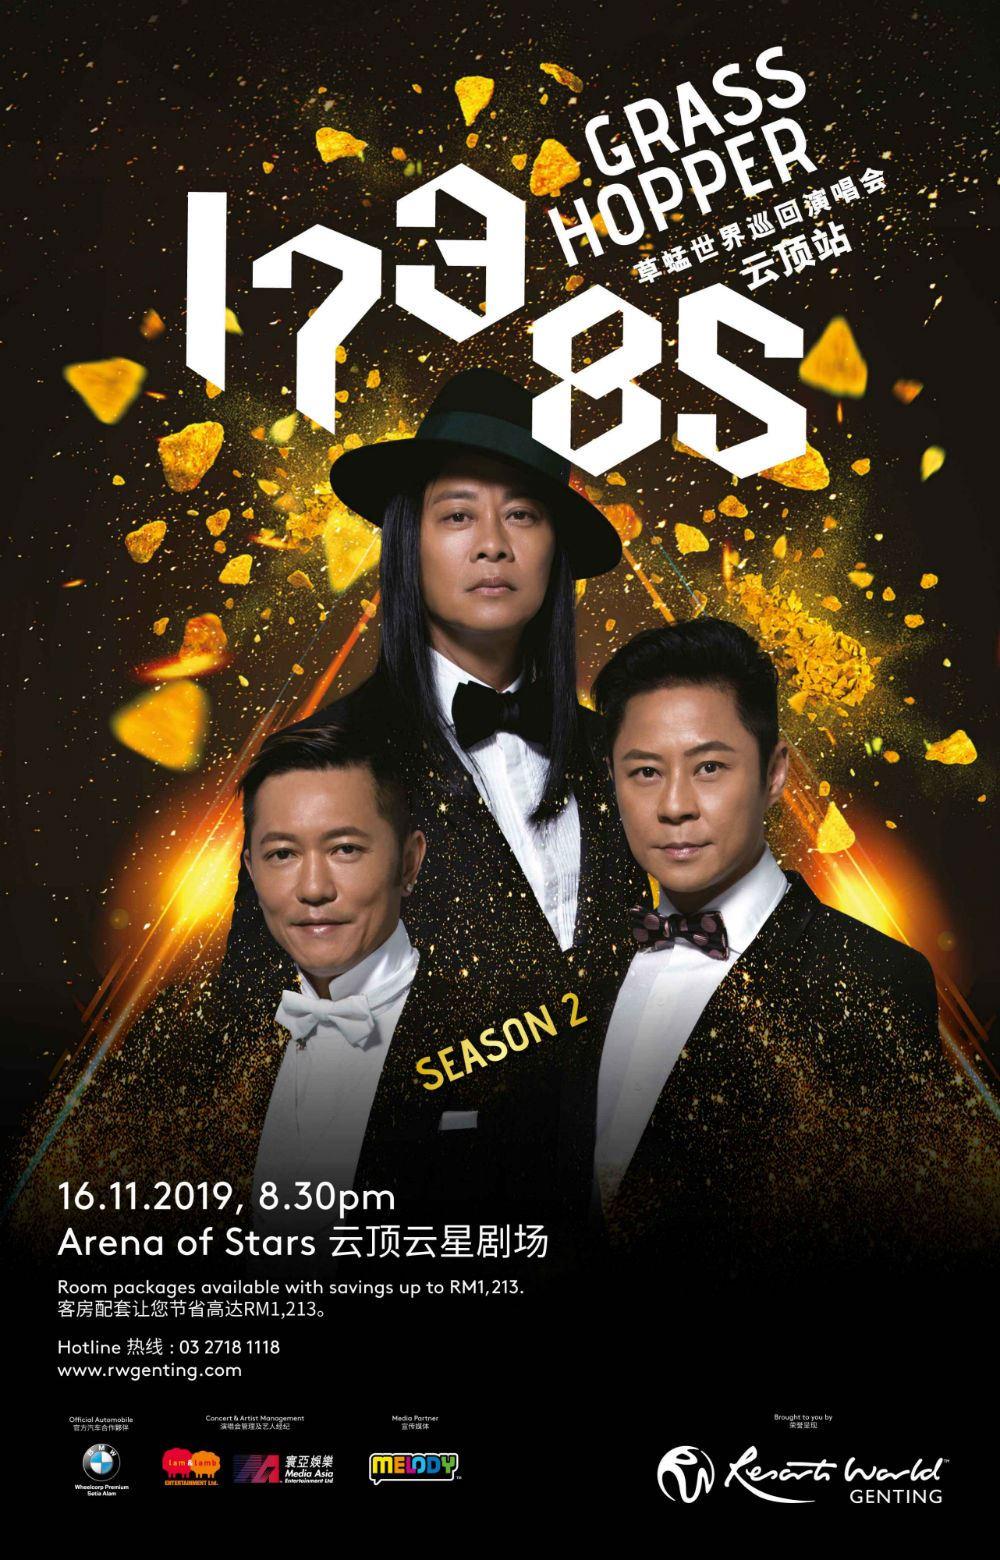 《草蜢17385世界巡回演唱会–云顶站season 2》